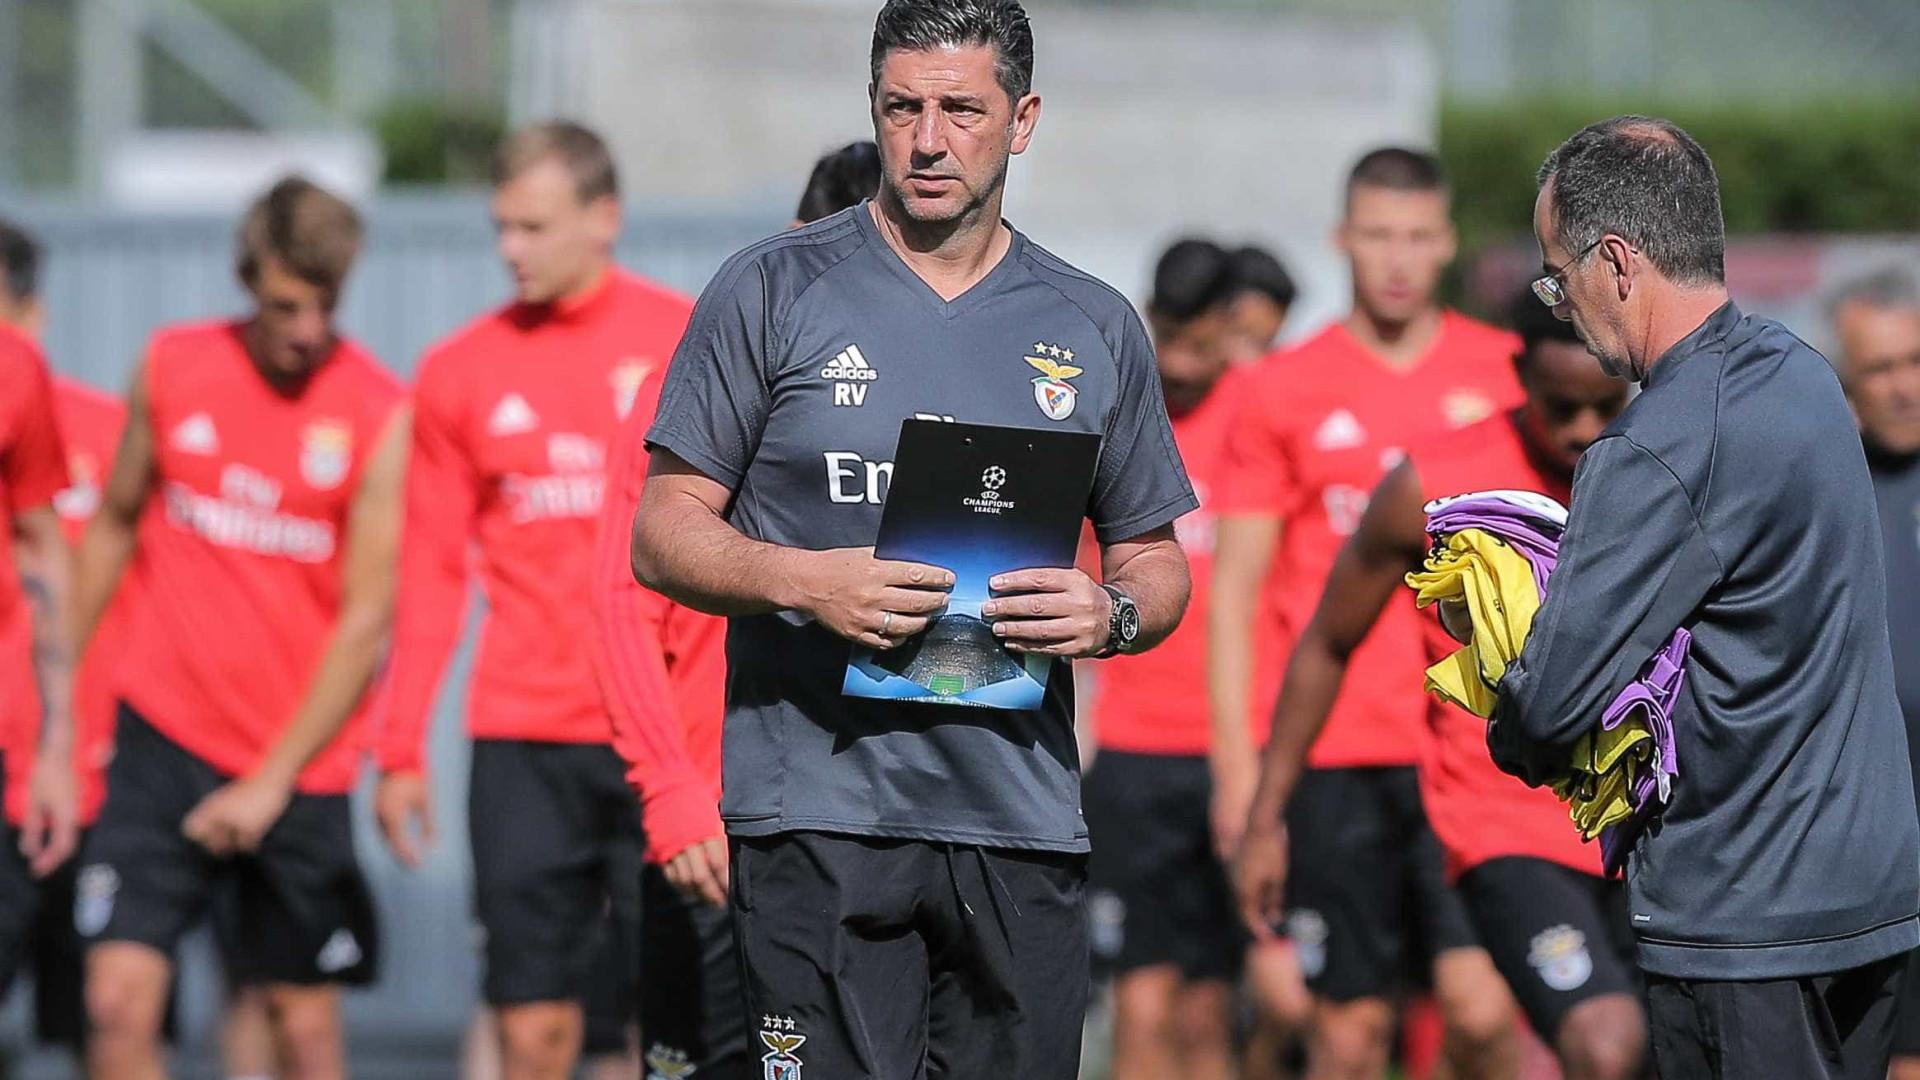 Cristiano Ronaldo falha jogo com o Benfica